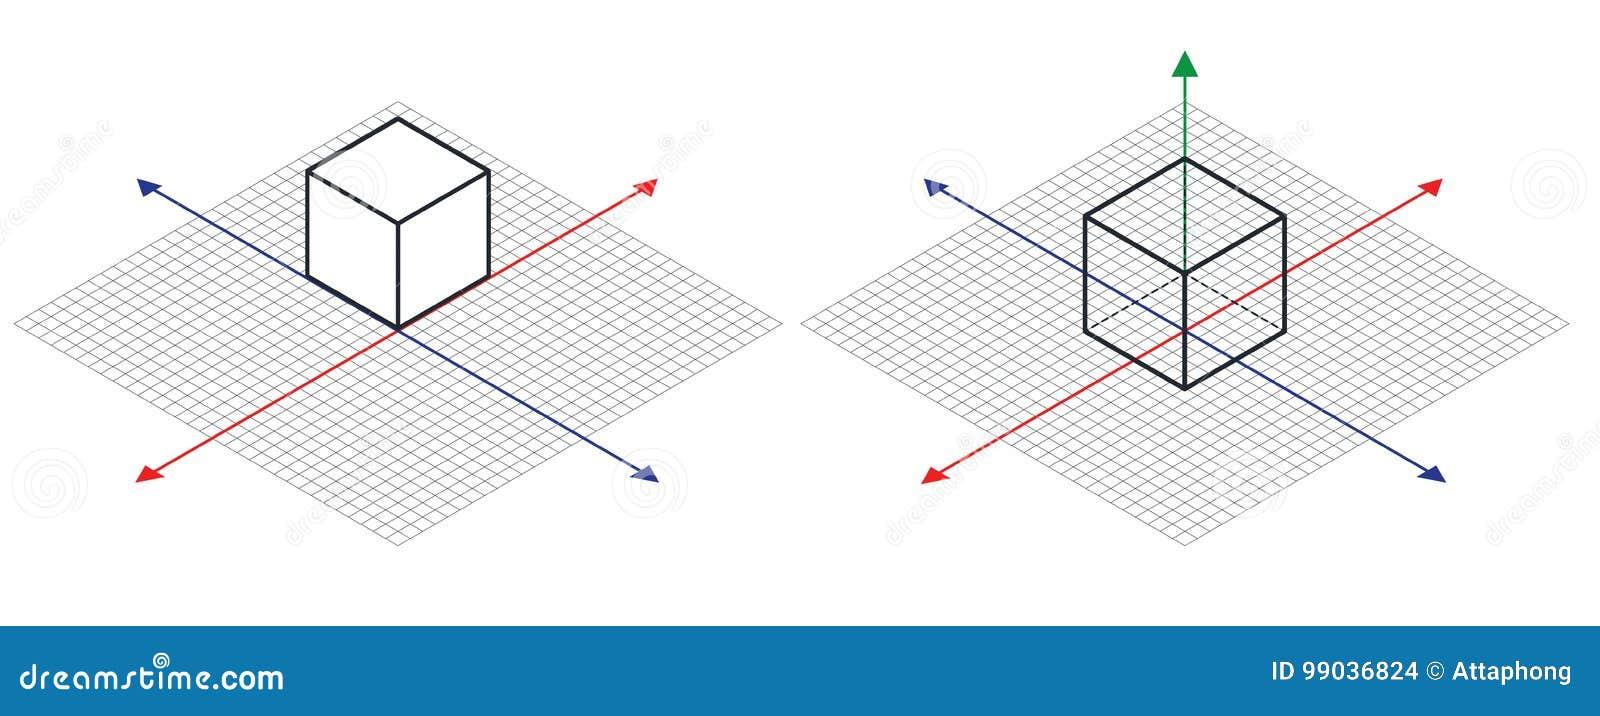 等角图三十degreesangle被应用于它的边 立方体在对面 等量栅格传染媒介